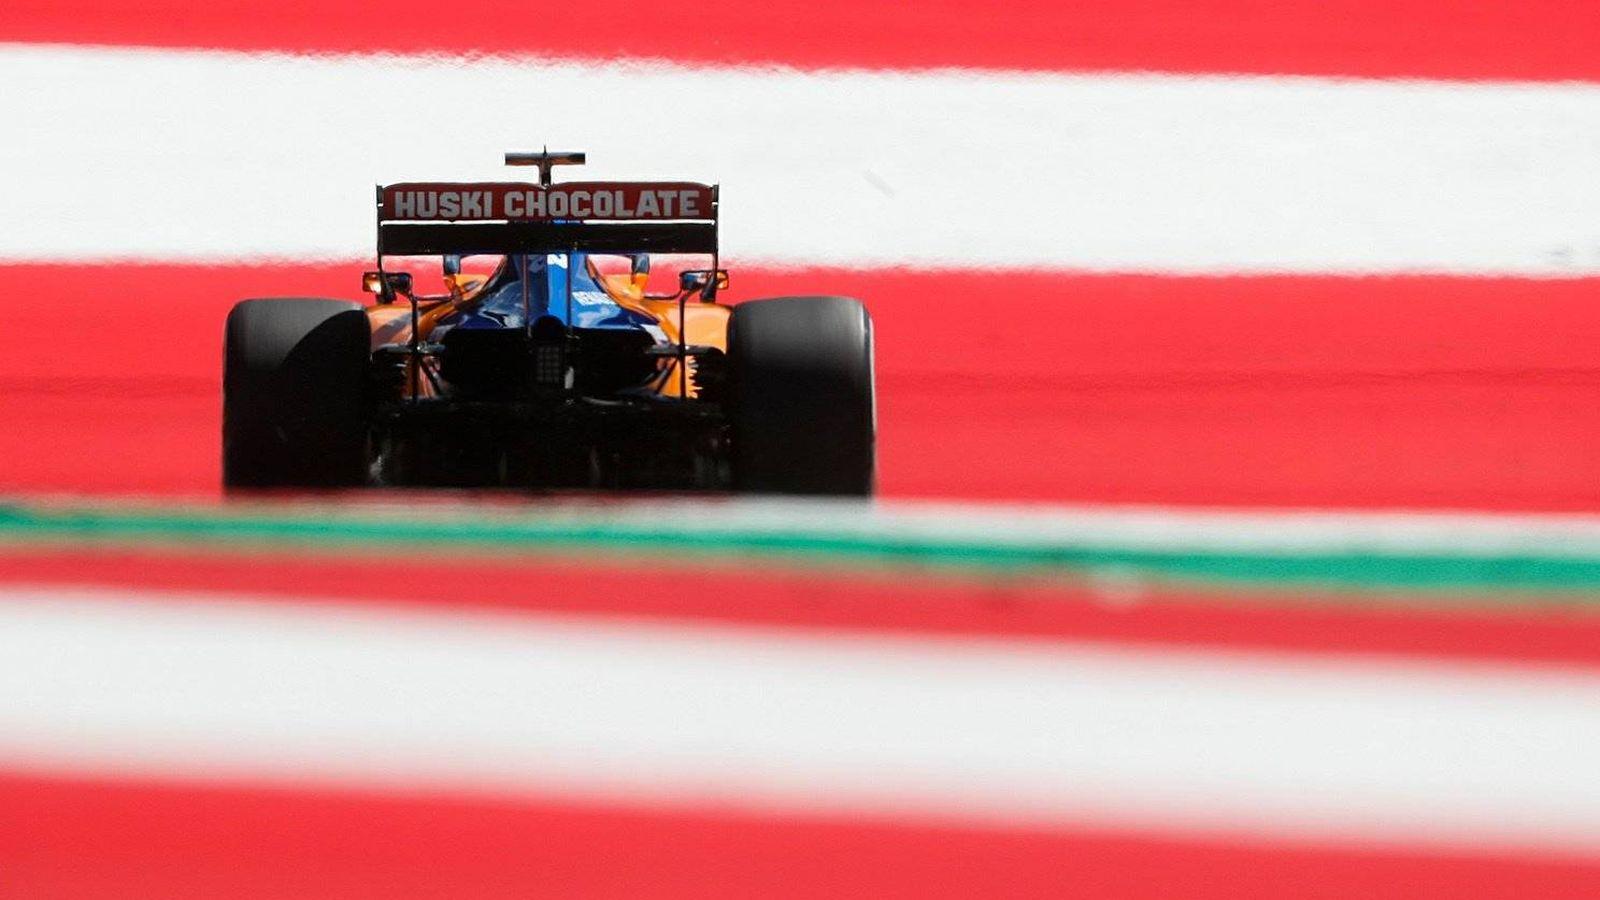 Foto: Sainz tuvo una gran jornada en el Red Bull Ring, pero solo podrá aspirar a una gran remontada. (MCLaren)